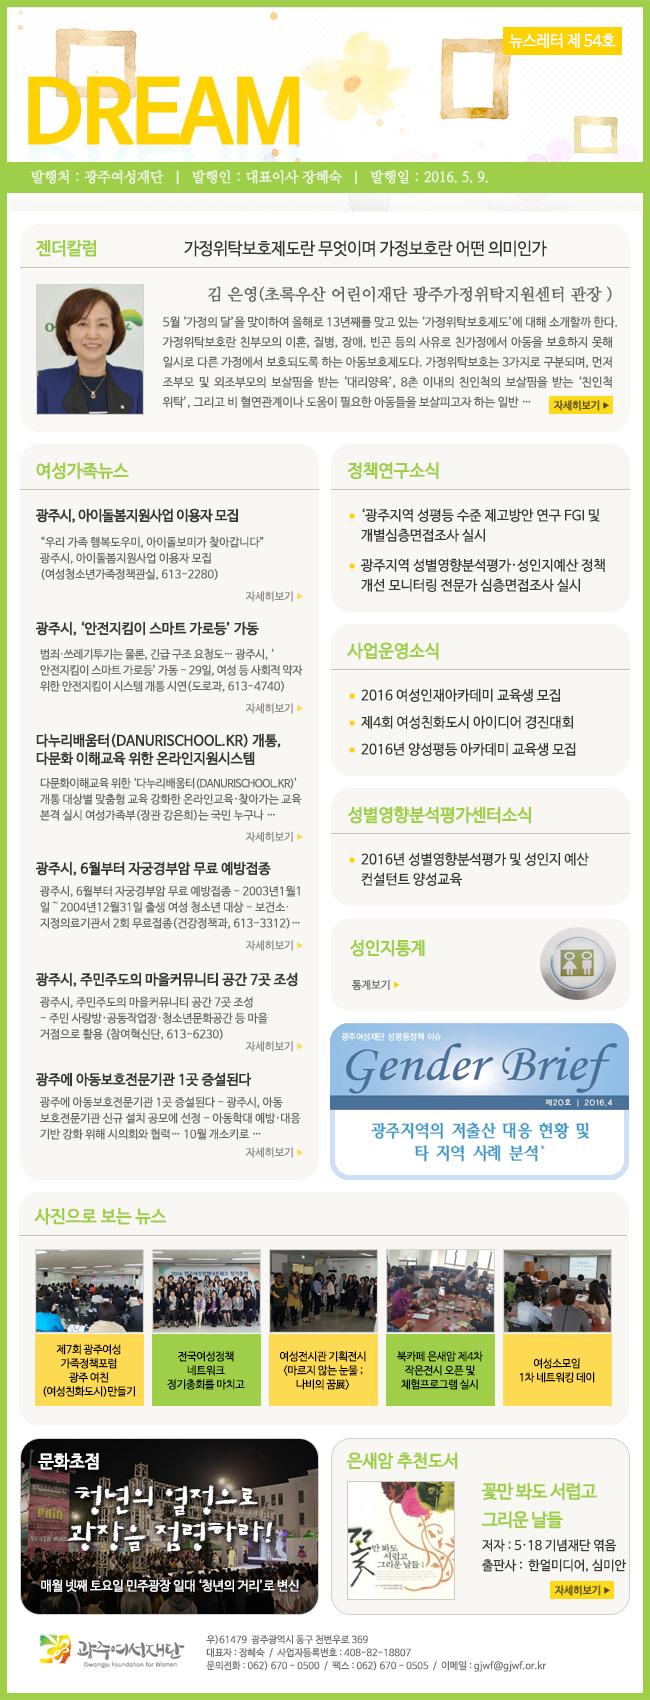 뉴스레터 드림 54호(16.5월) 썸네일